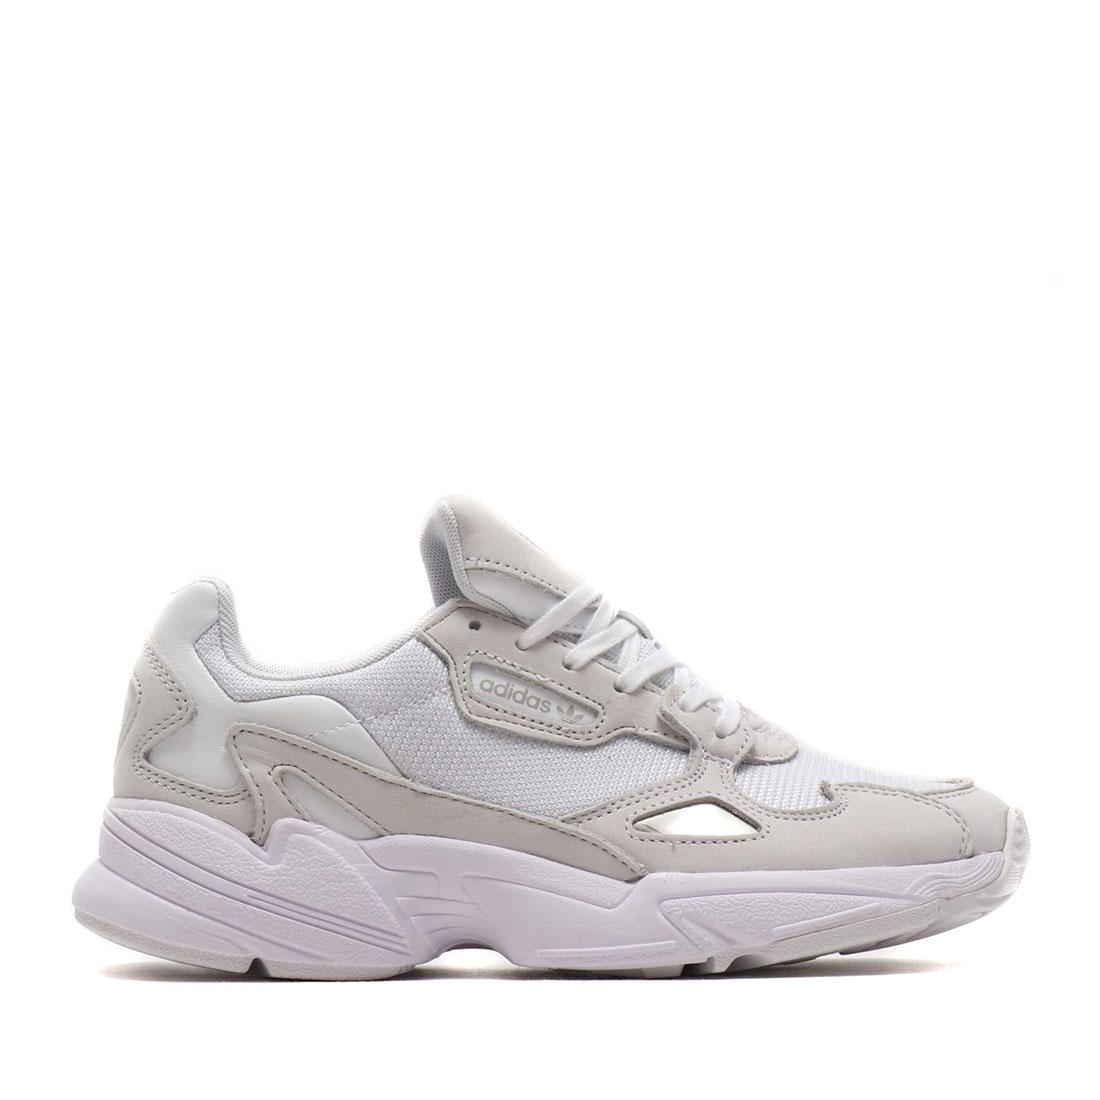 info for 18a8a 50cc0 adidas Originals ADIDASFALCON W (RUNNING WHITE RUNNING WHITE CRYSTAL WHITE)  (Adidas originals falcon W)